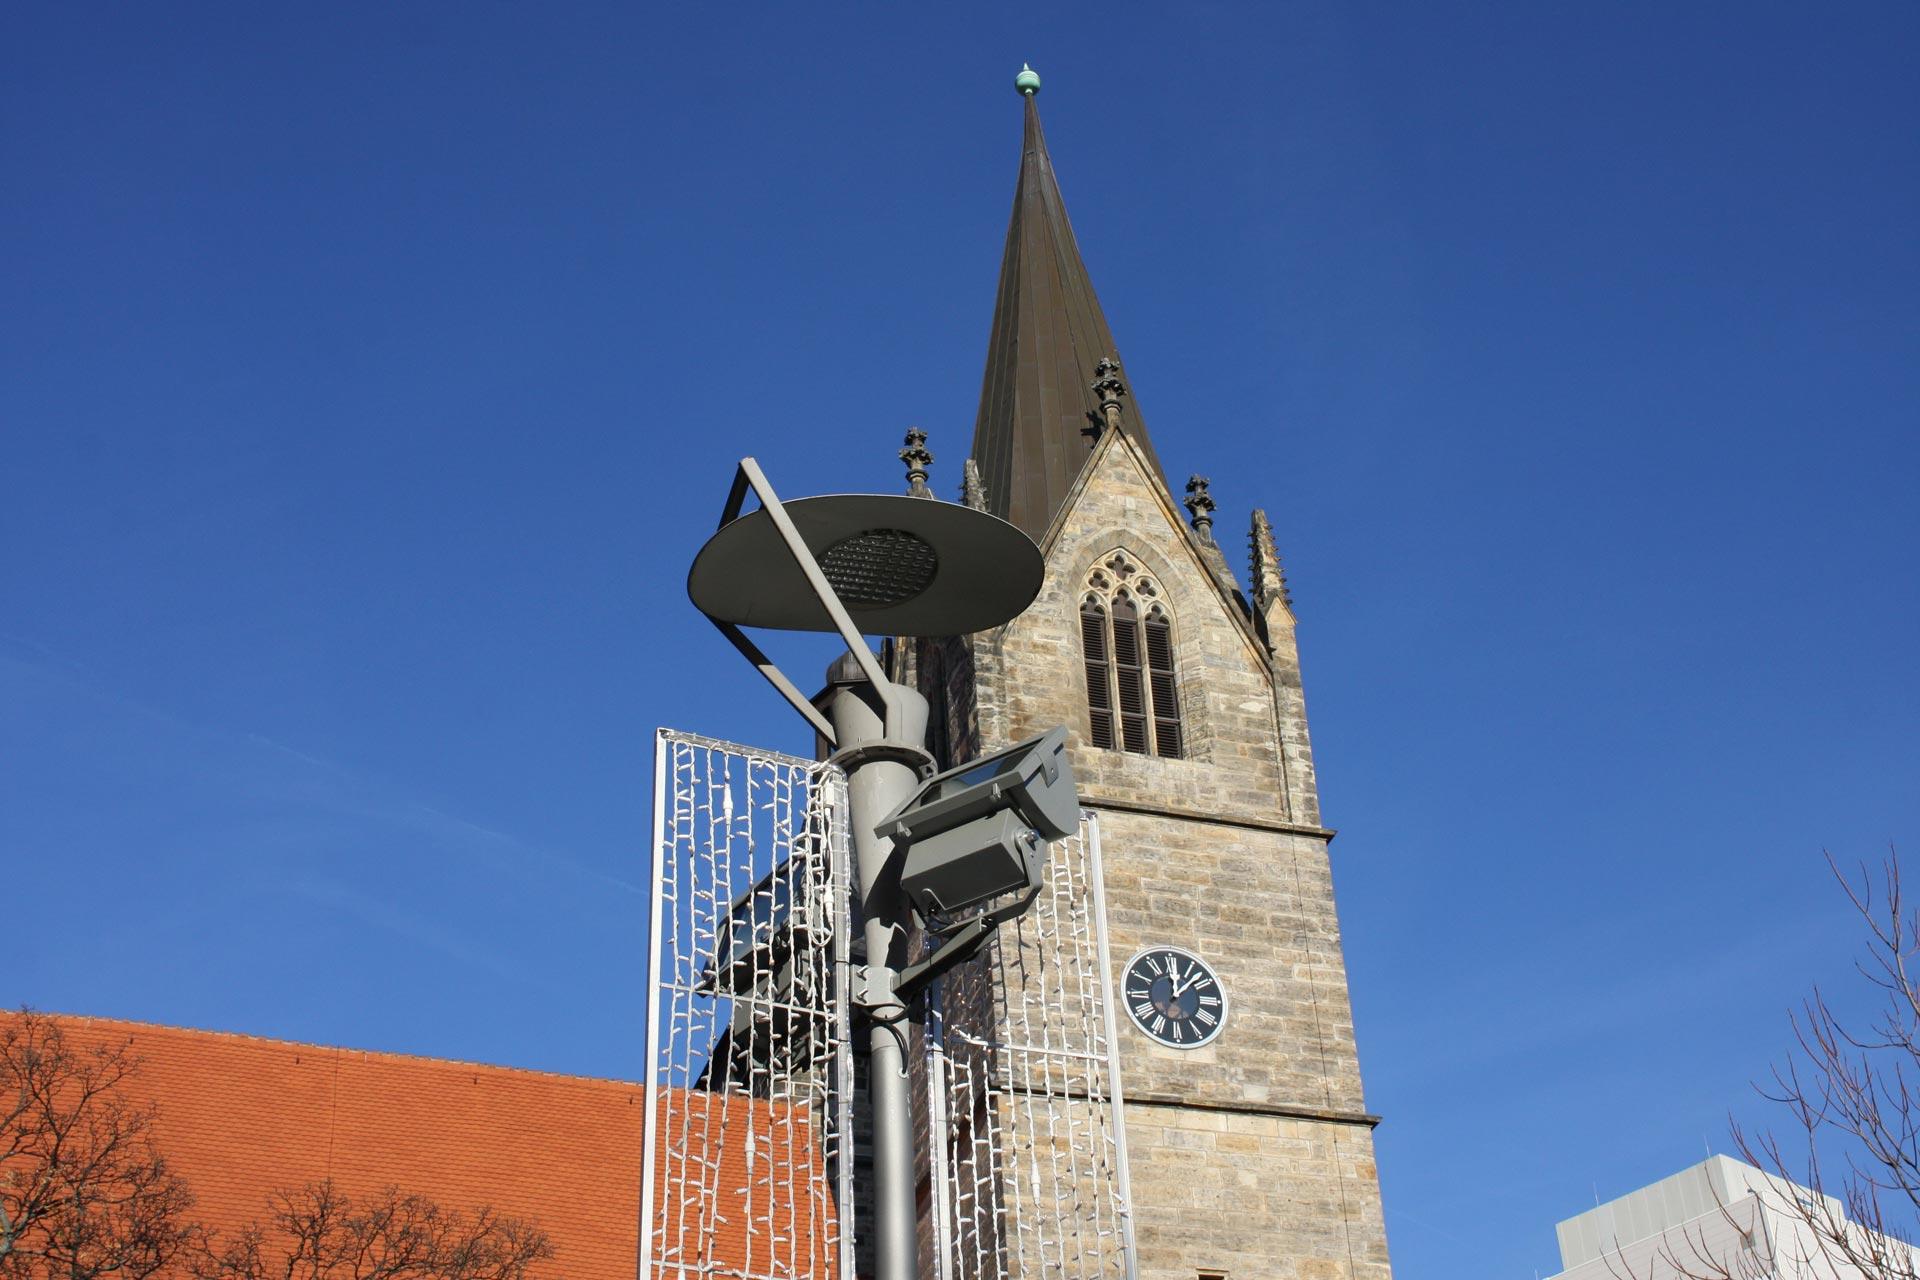 MAASS-Lichtplanung_Fassadenbeleuchtung Hauptpost Erfurt__IMG_1222